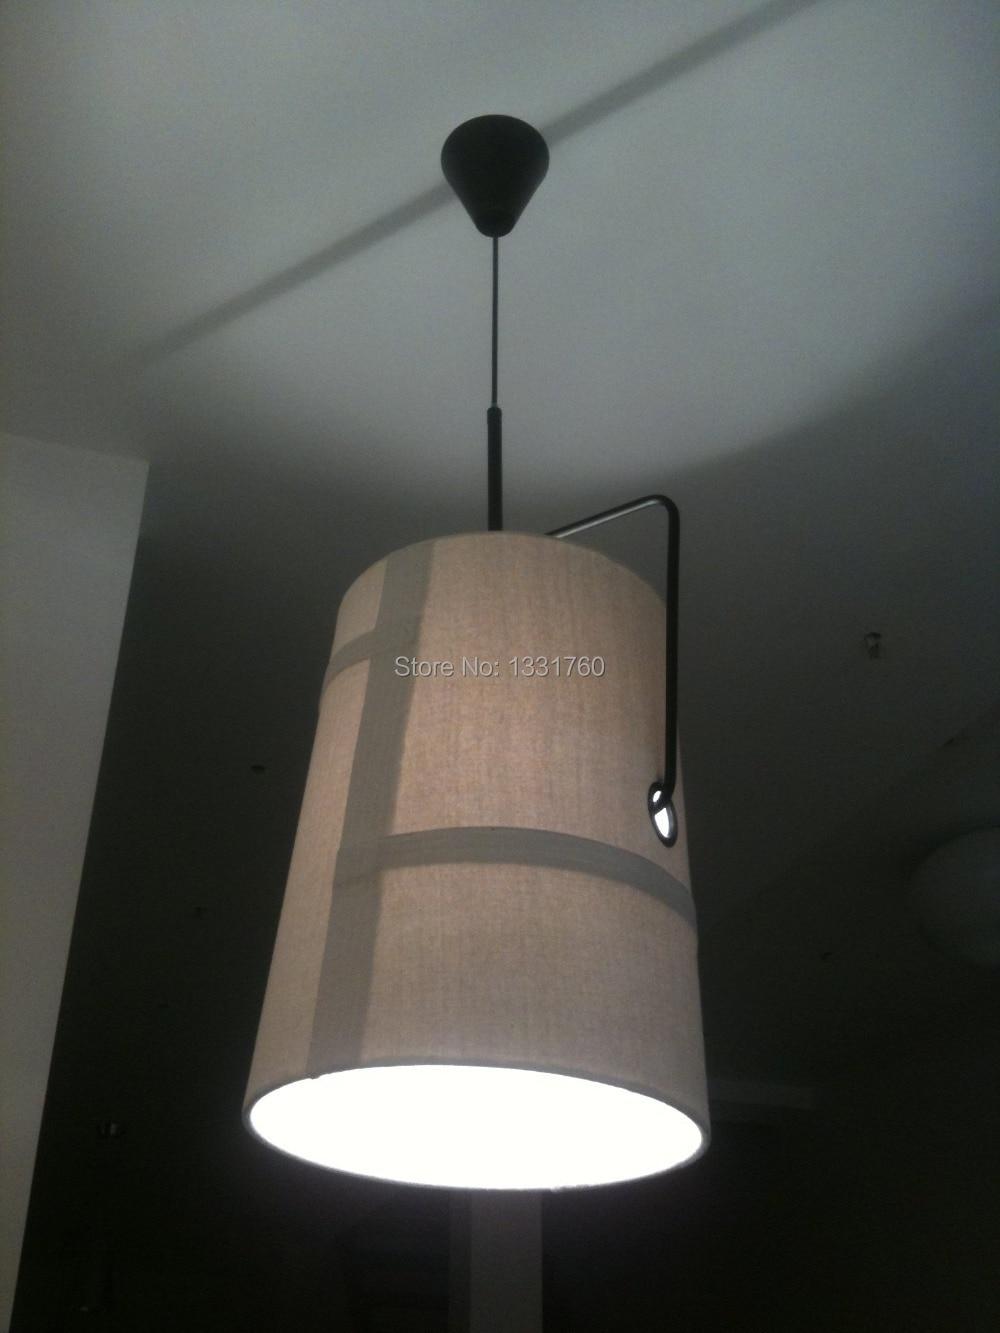 Diesel x Foscarini Fork 360 degree rotation pendant Lamp pendant light study room work studio living room lighting pendant lamp levett caesar prostate massager for 360 degree rotation g spot